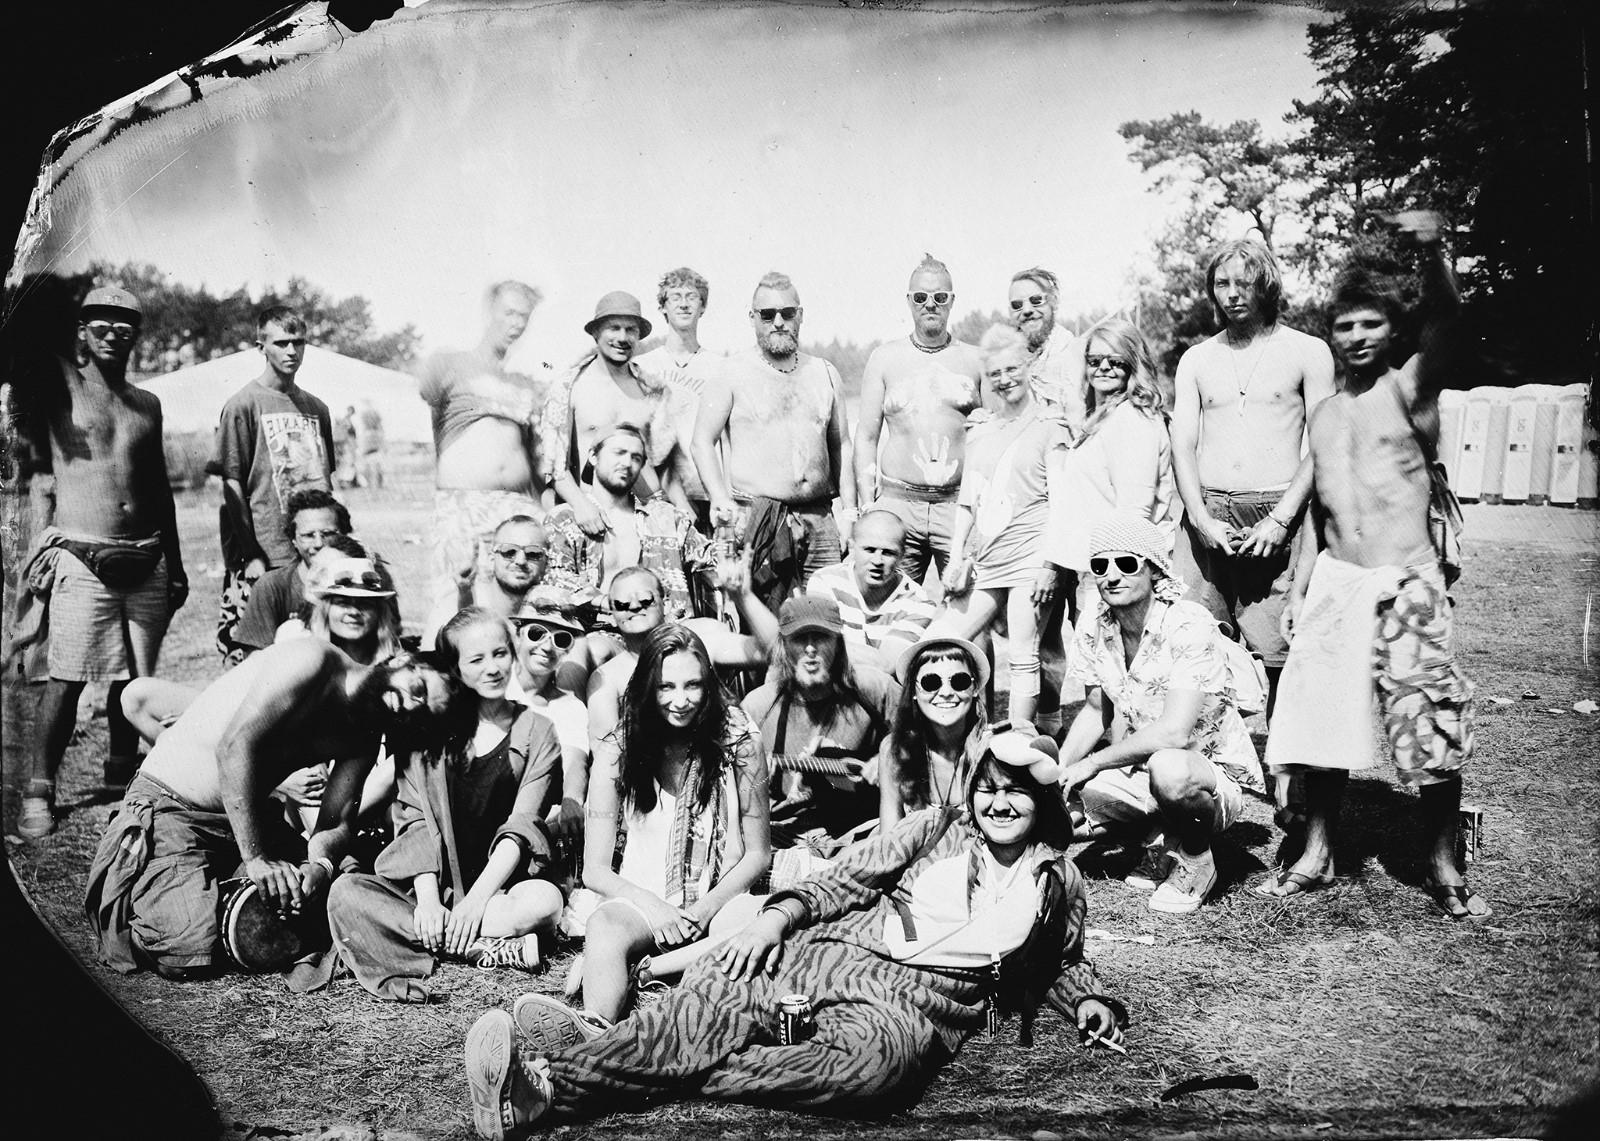 Przystanek Woodstock 2015 - Mokry Kolodion - Street Collodion Art (12)